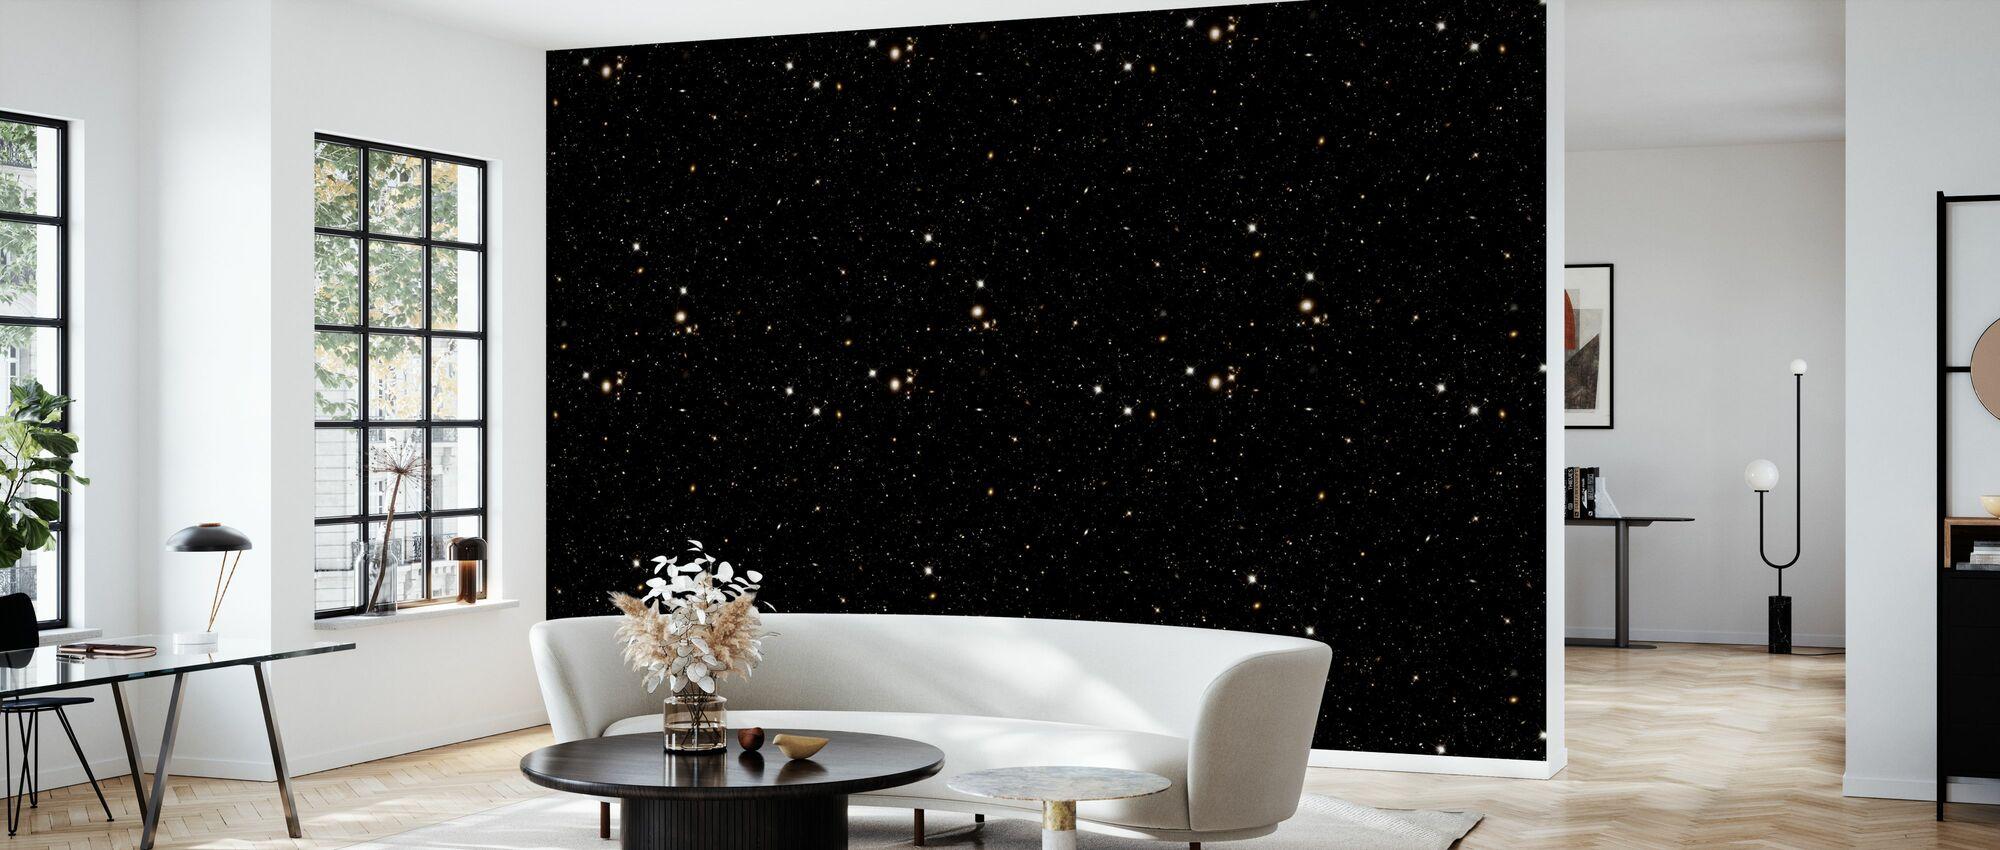 Gold Field - Wallpaper - Living Room